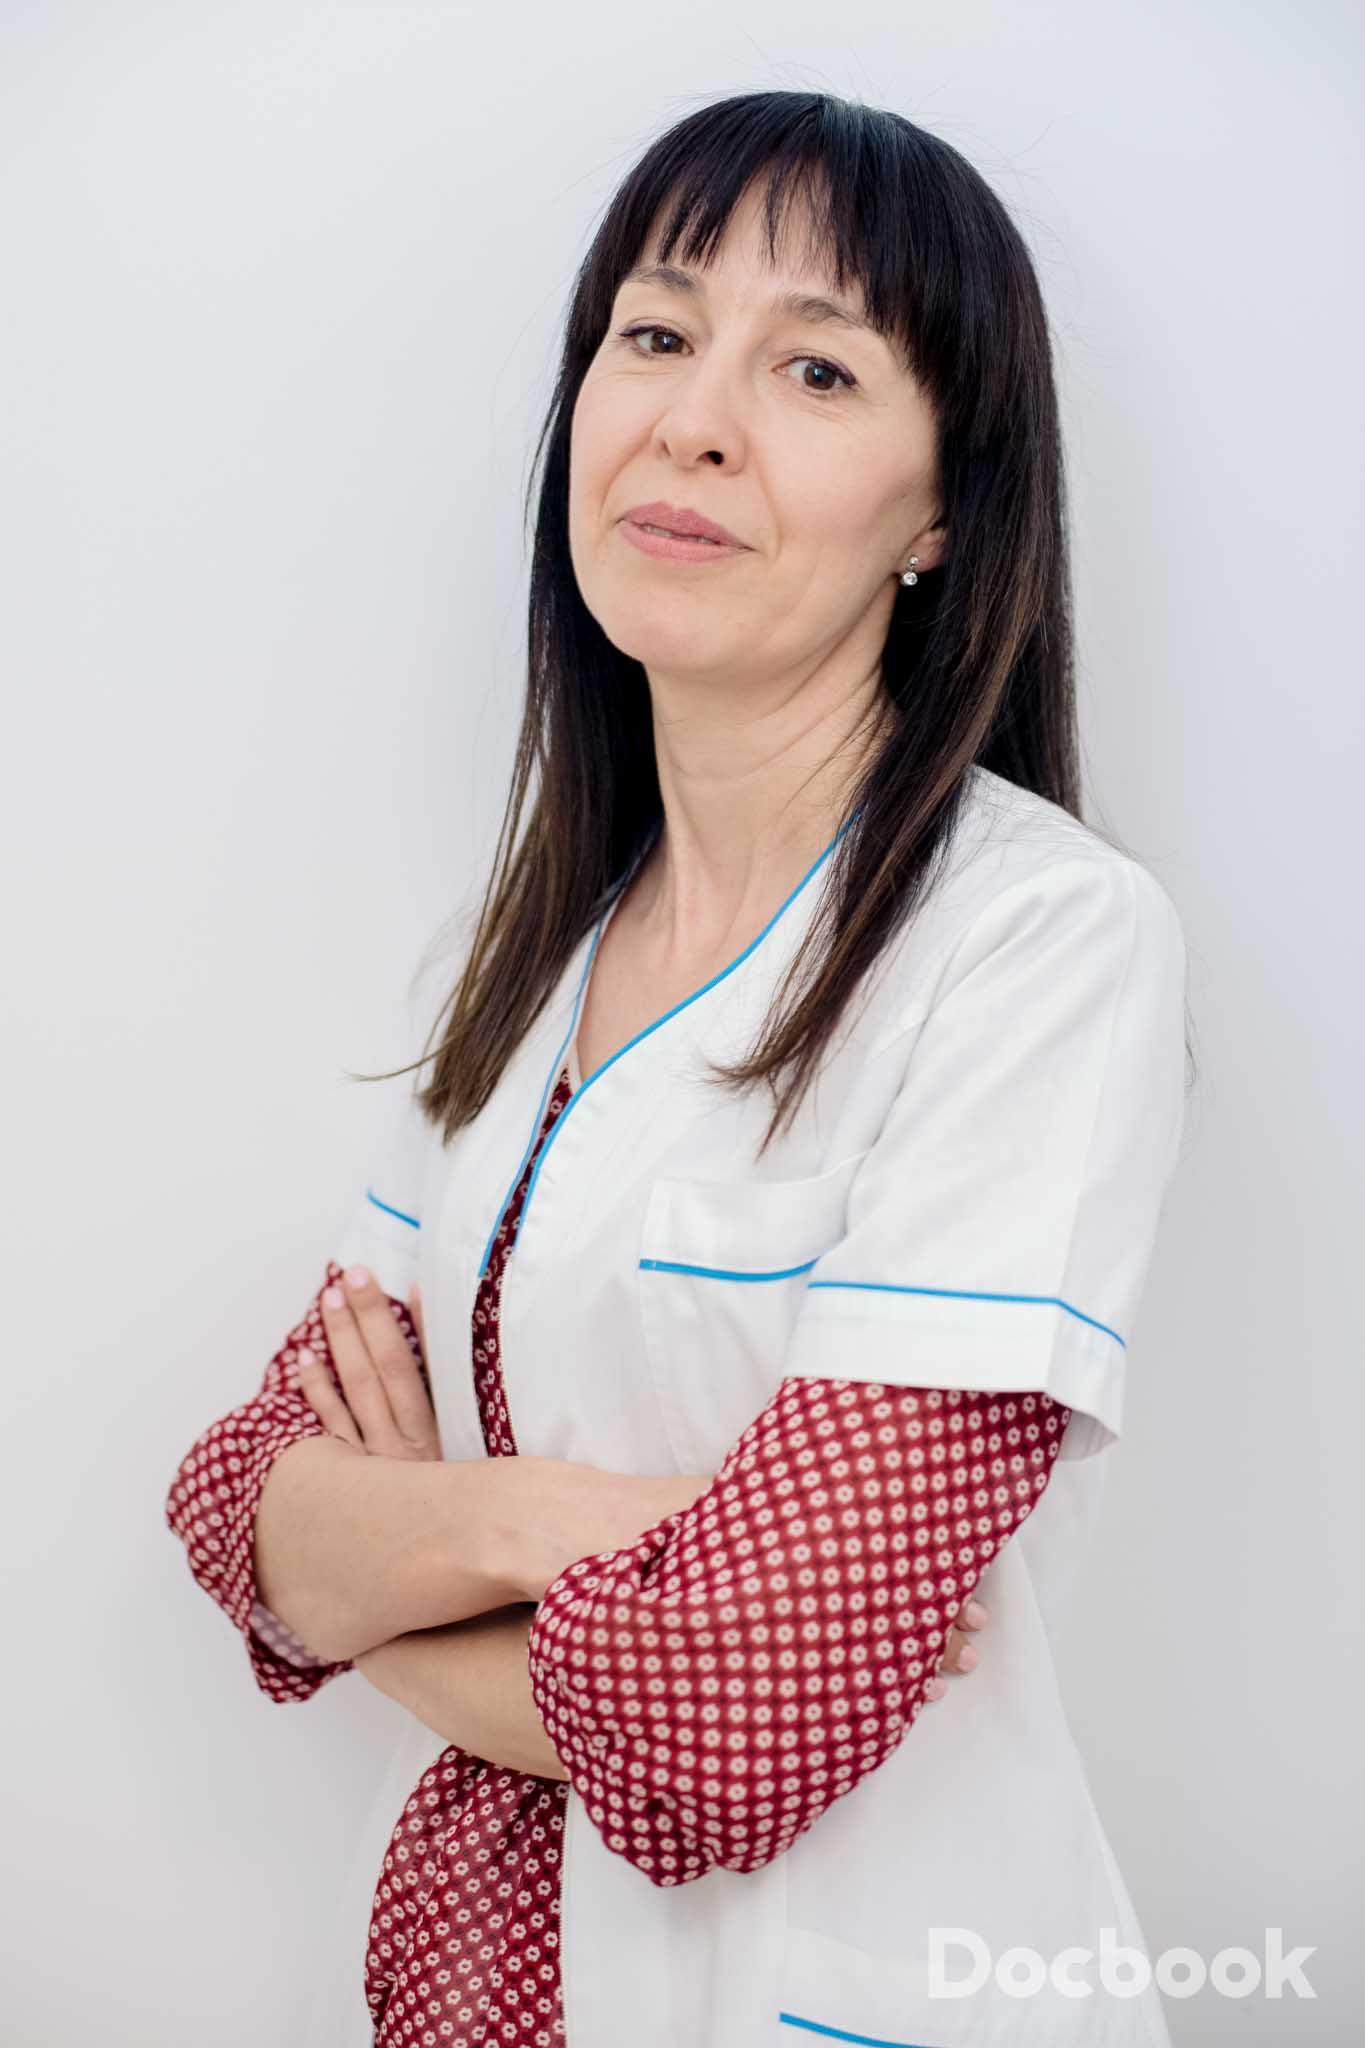 Dr. Codruta Chelmus